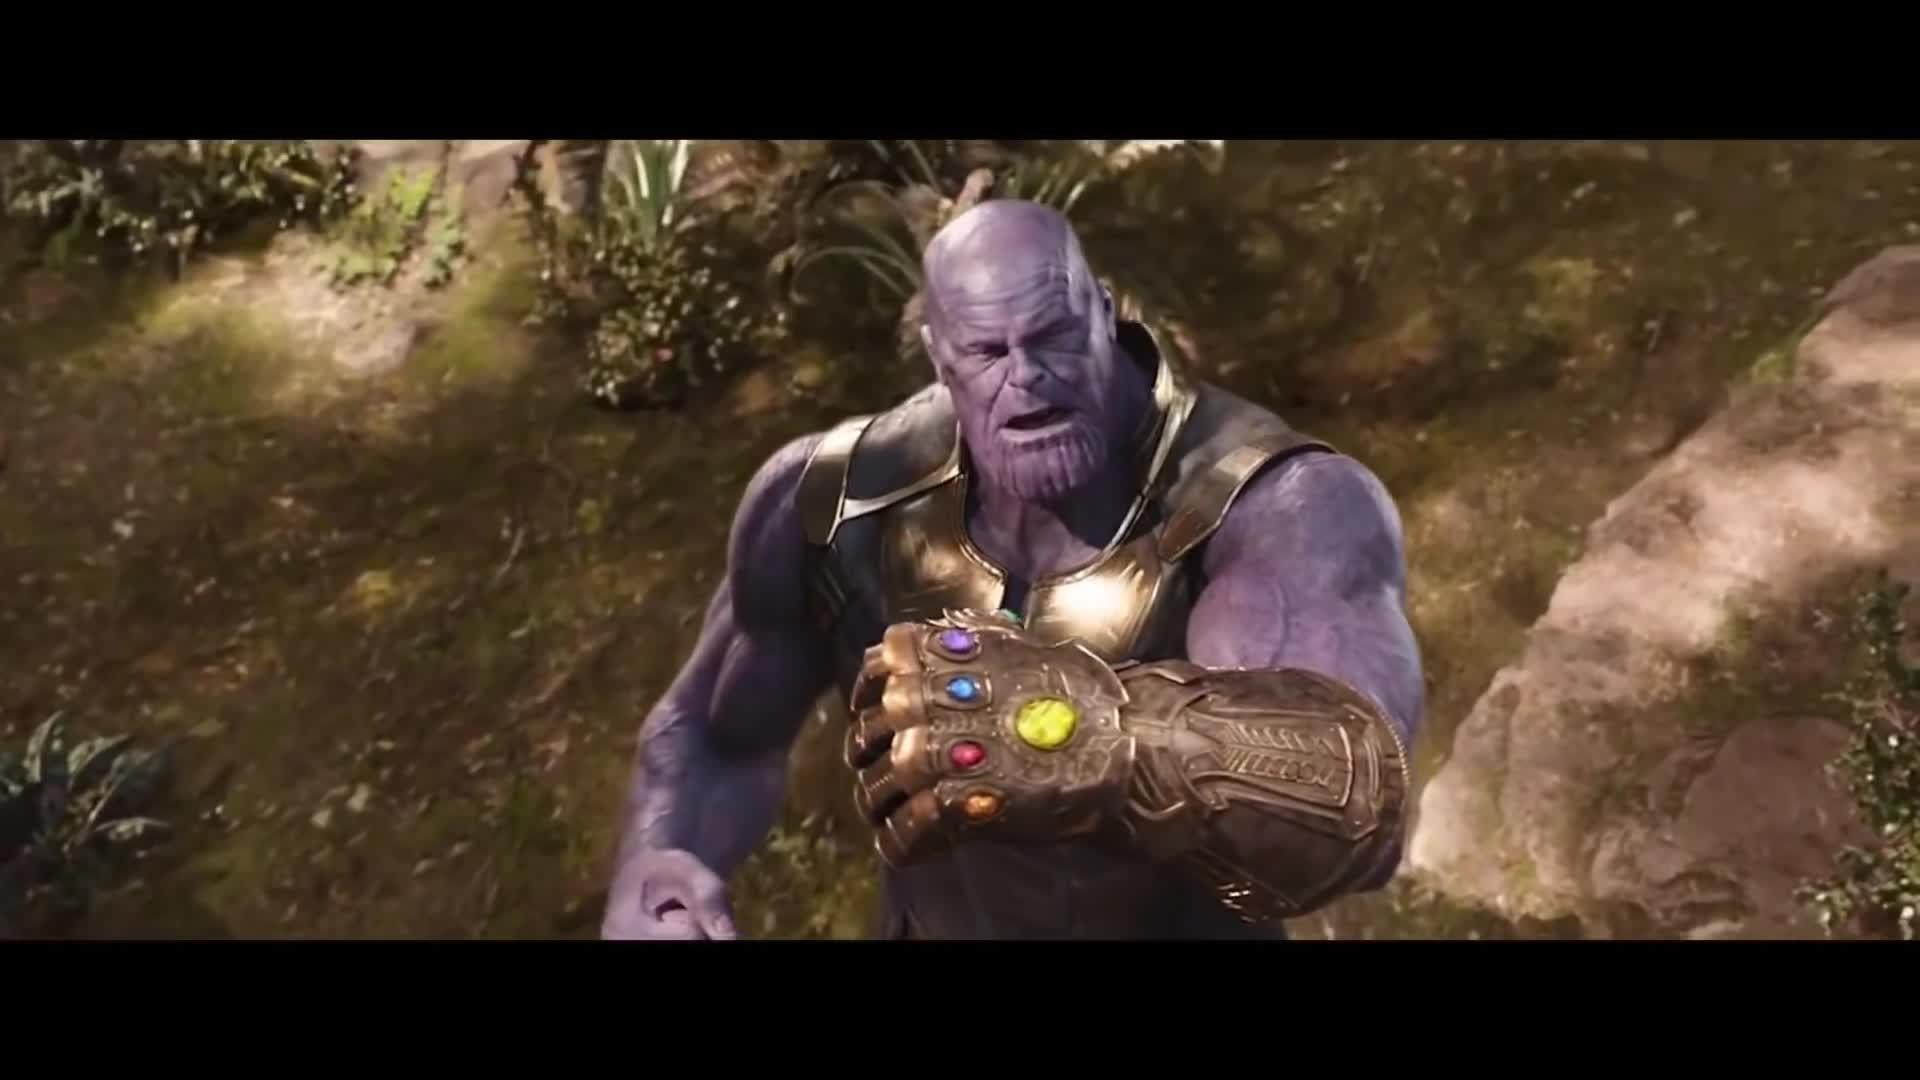 Avengers Infinity War 2018 Thor Kills Thanos Ending Scene Hd